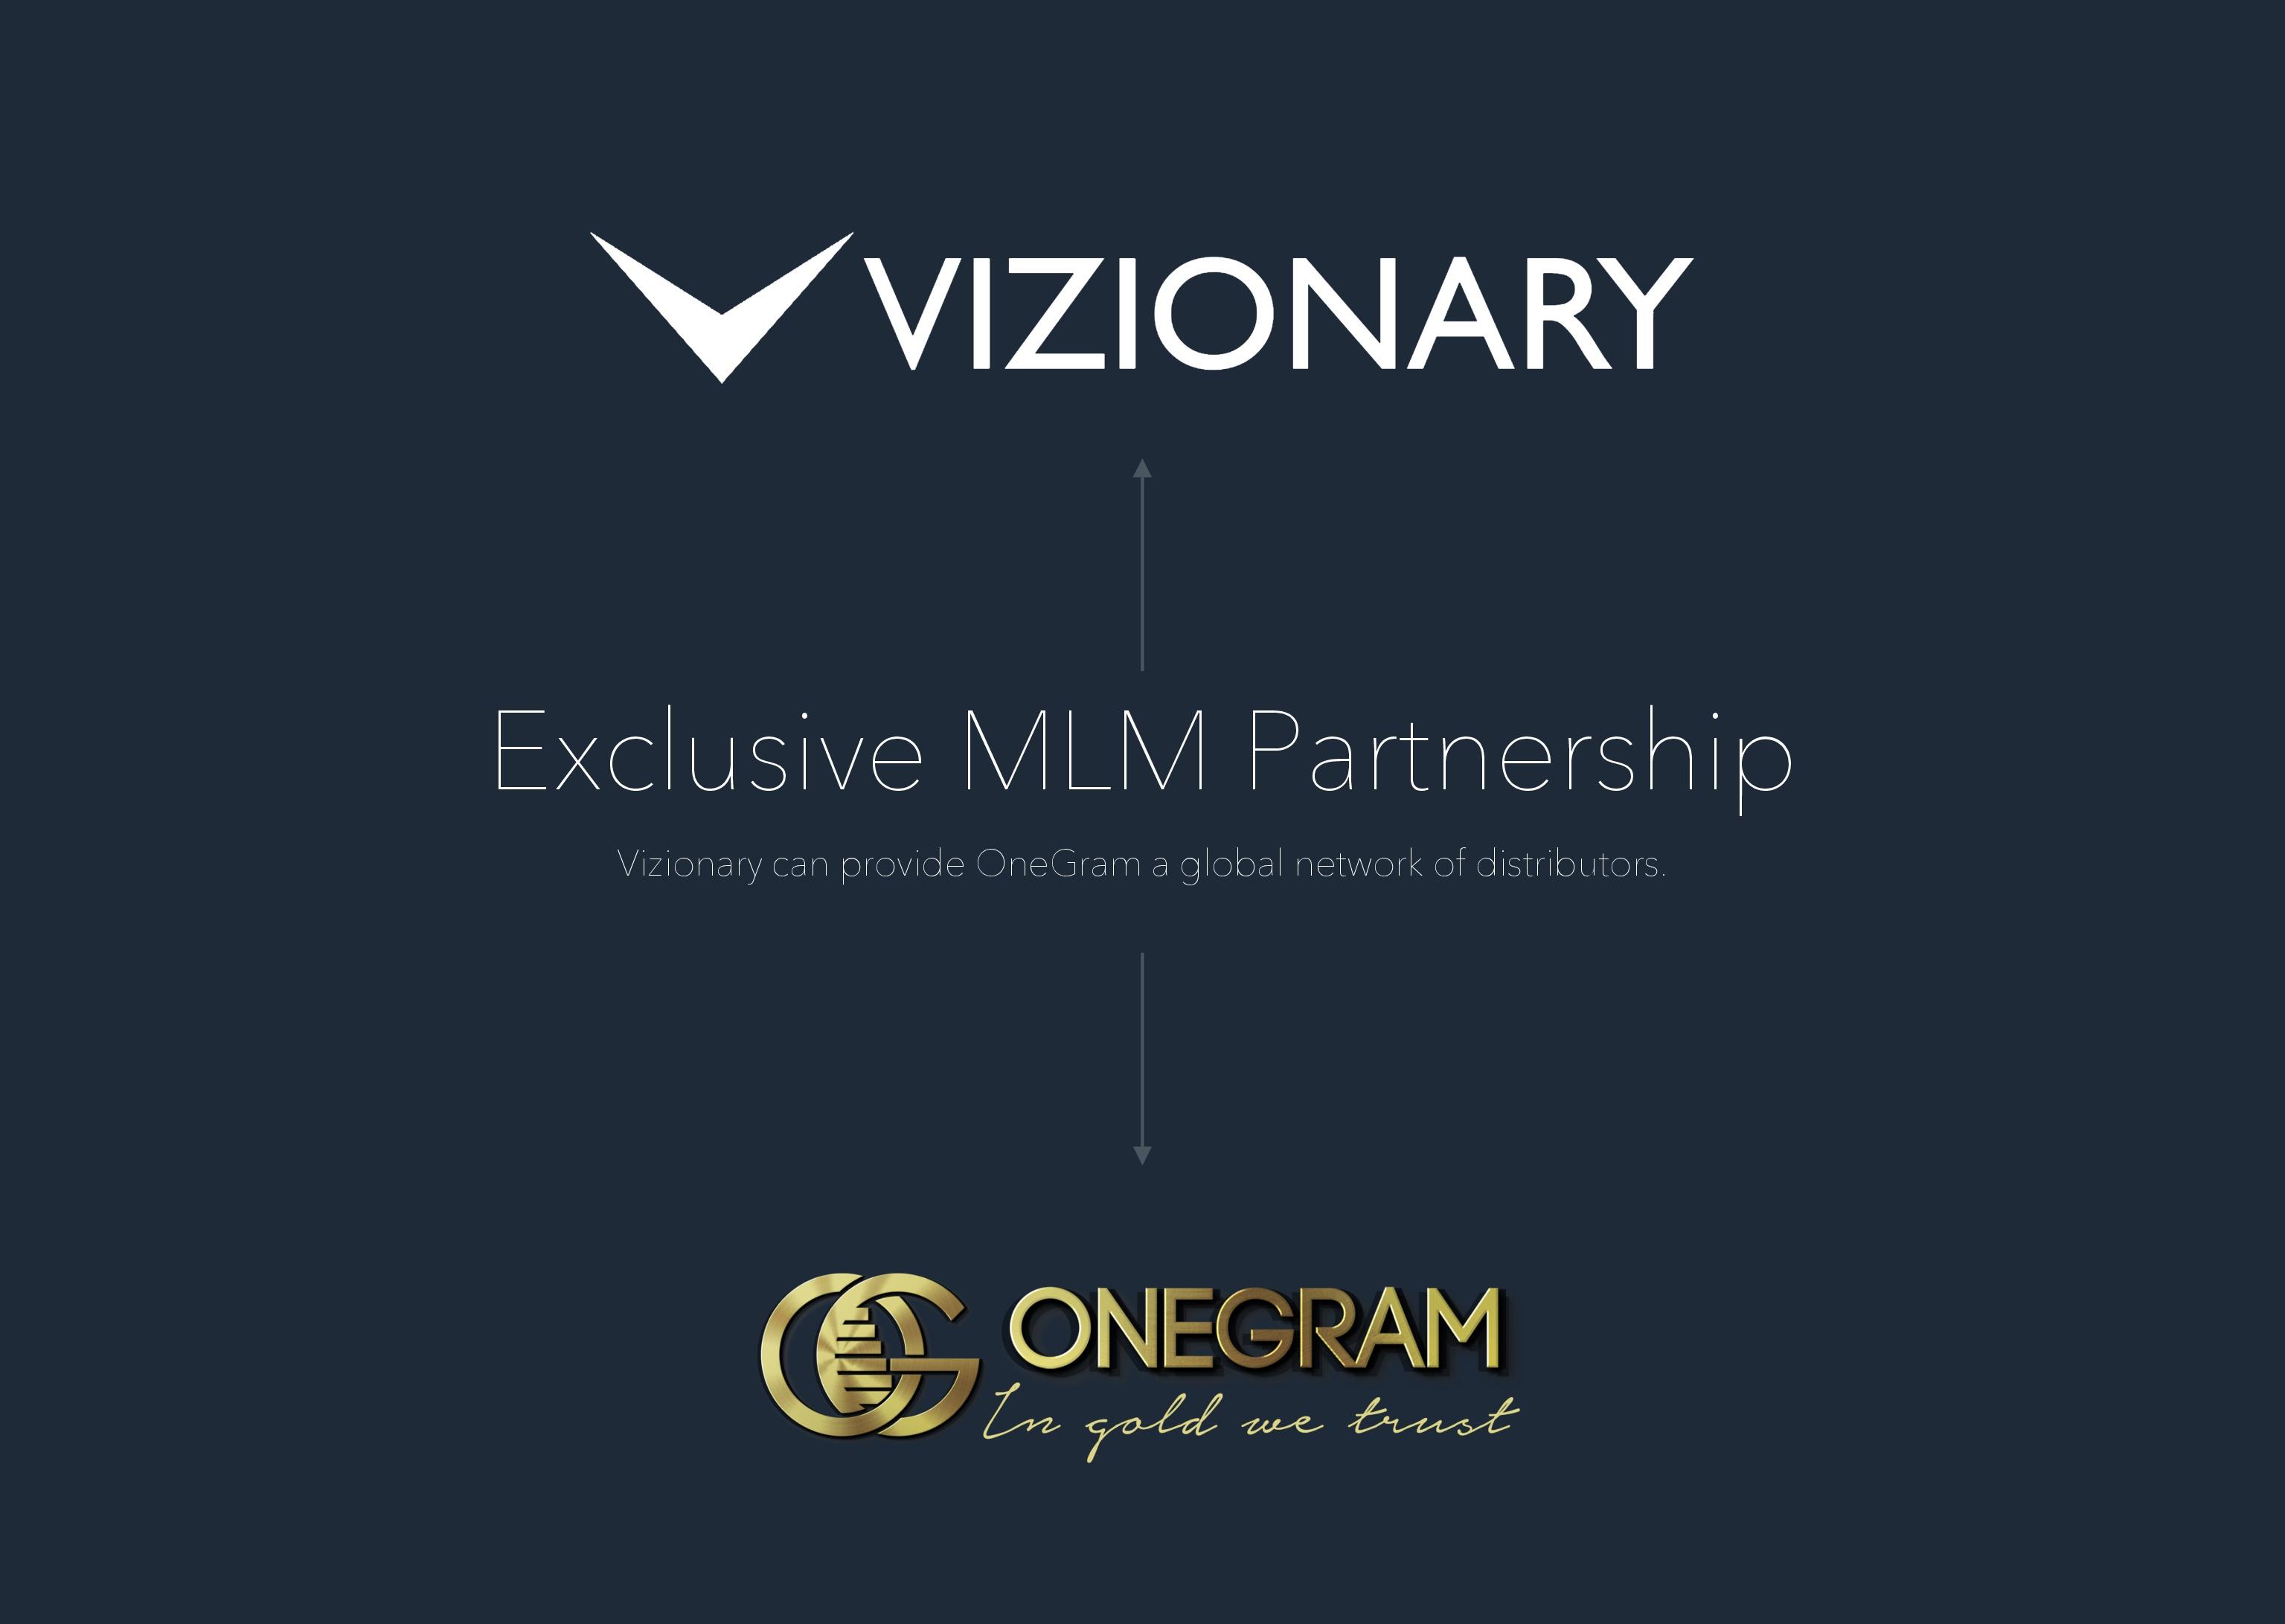 OneGram Vizionary Partnerschaft